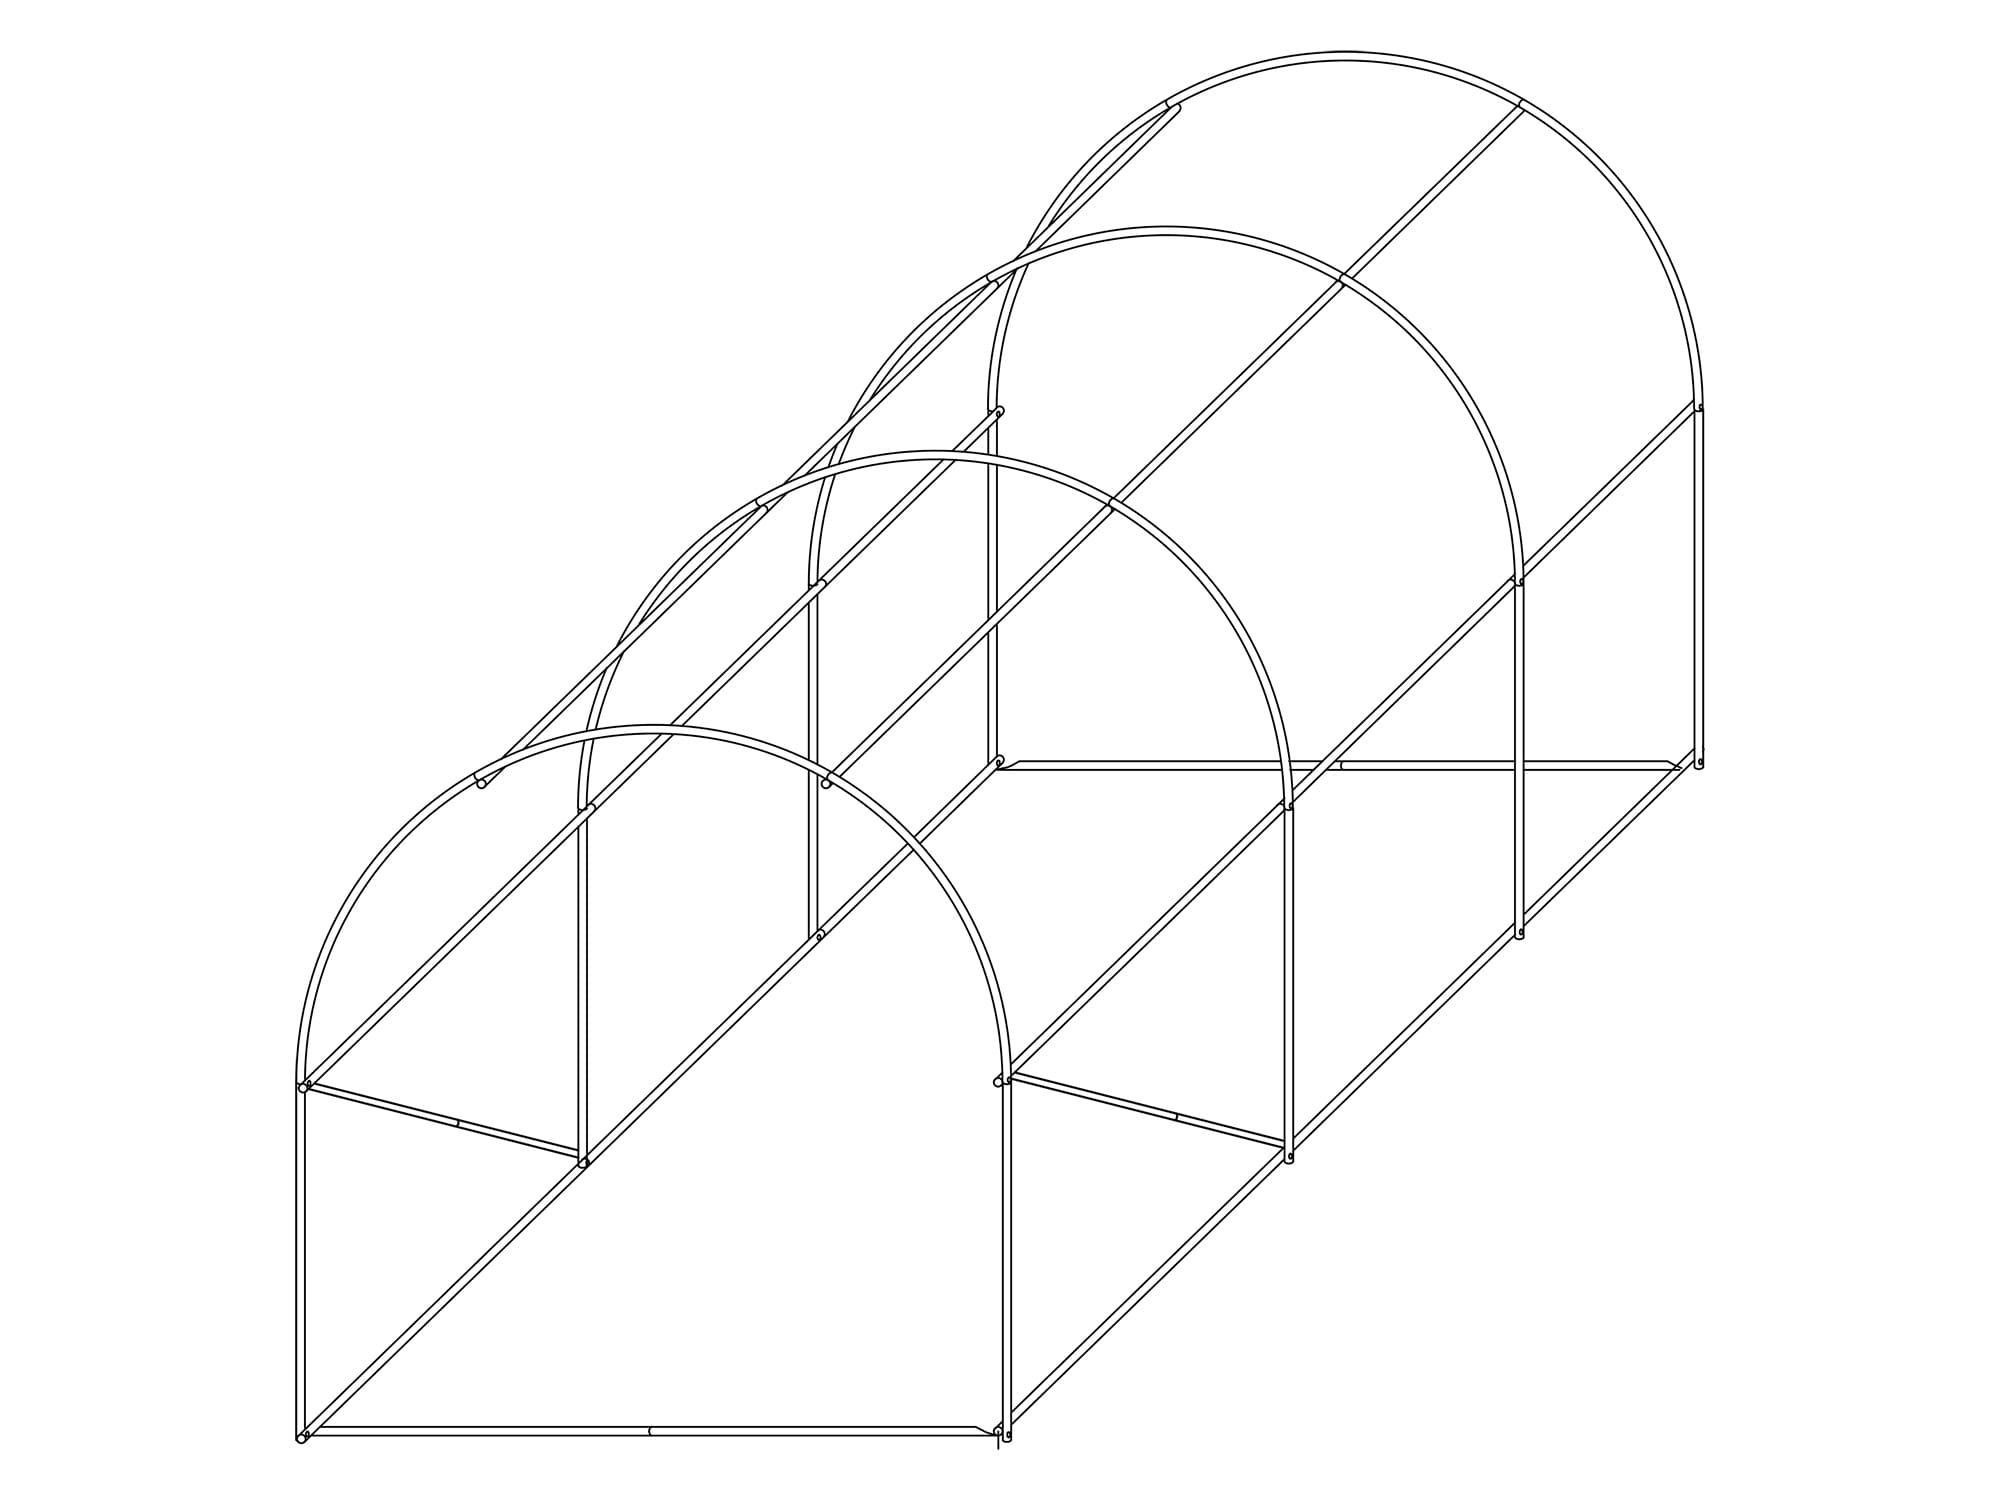 Konstrukcja stelażu tunelu foliowego 2x3m